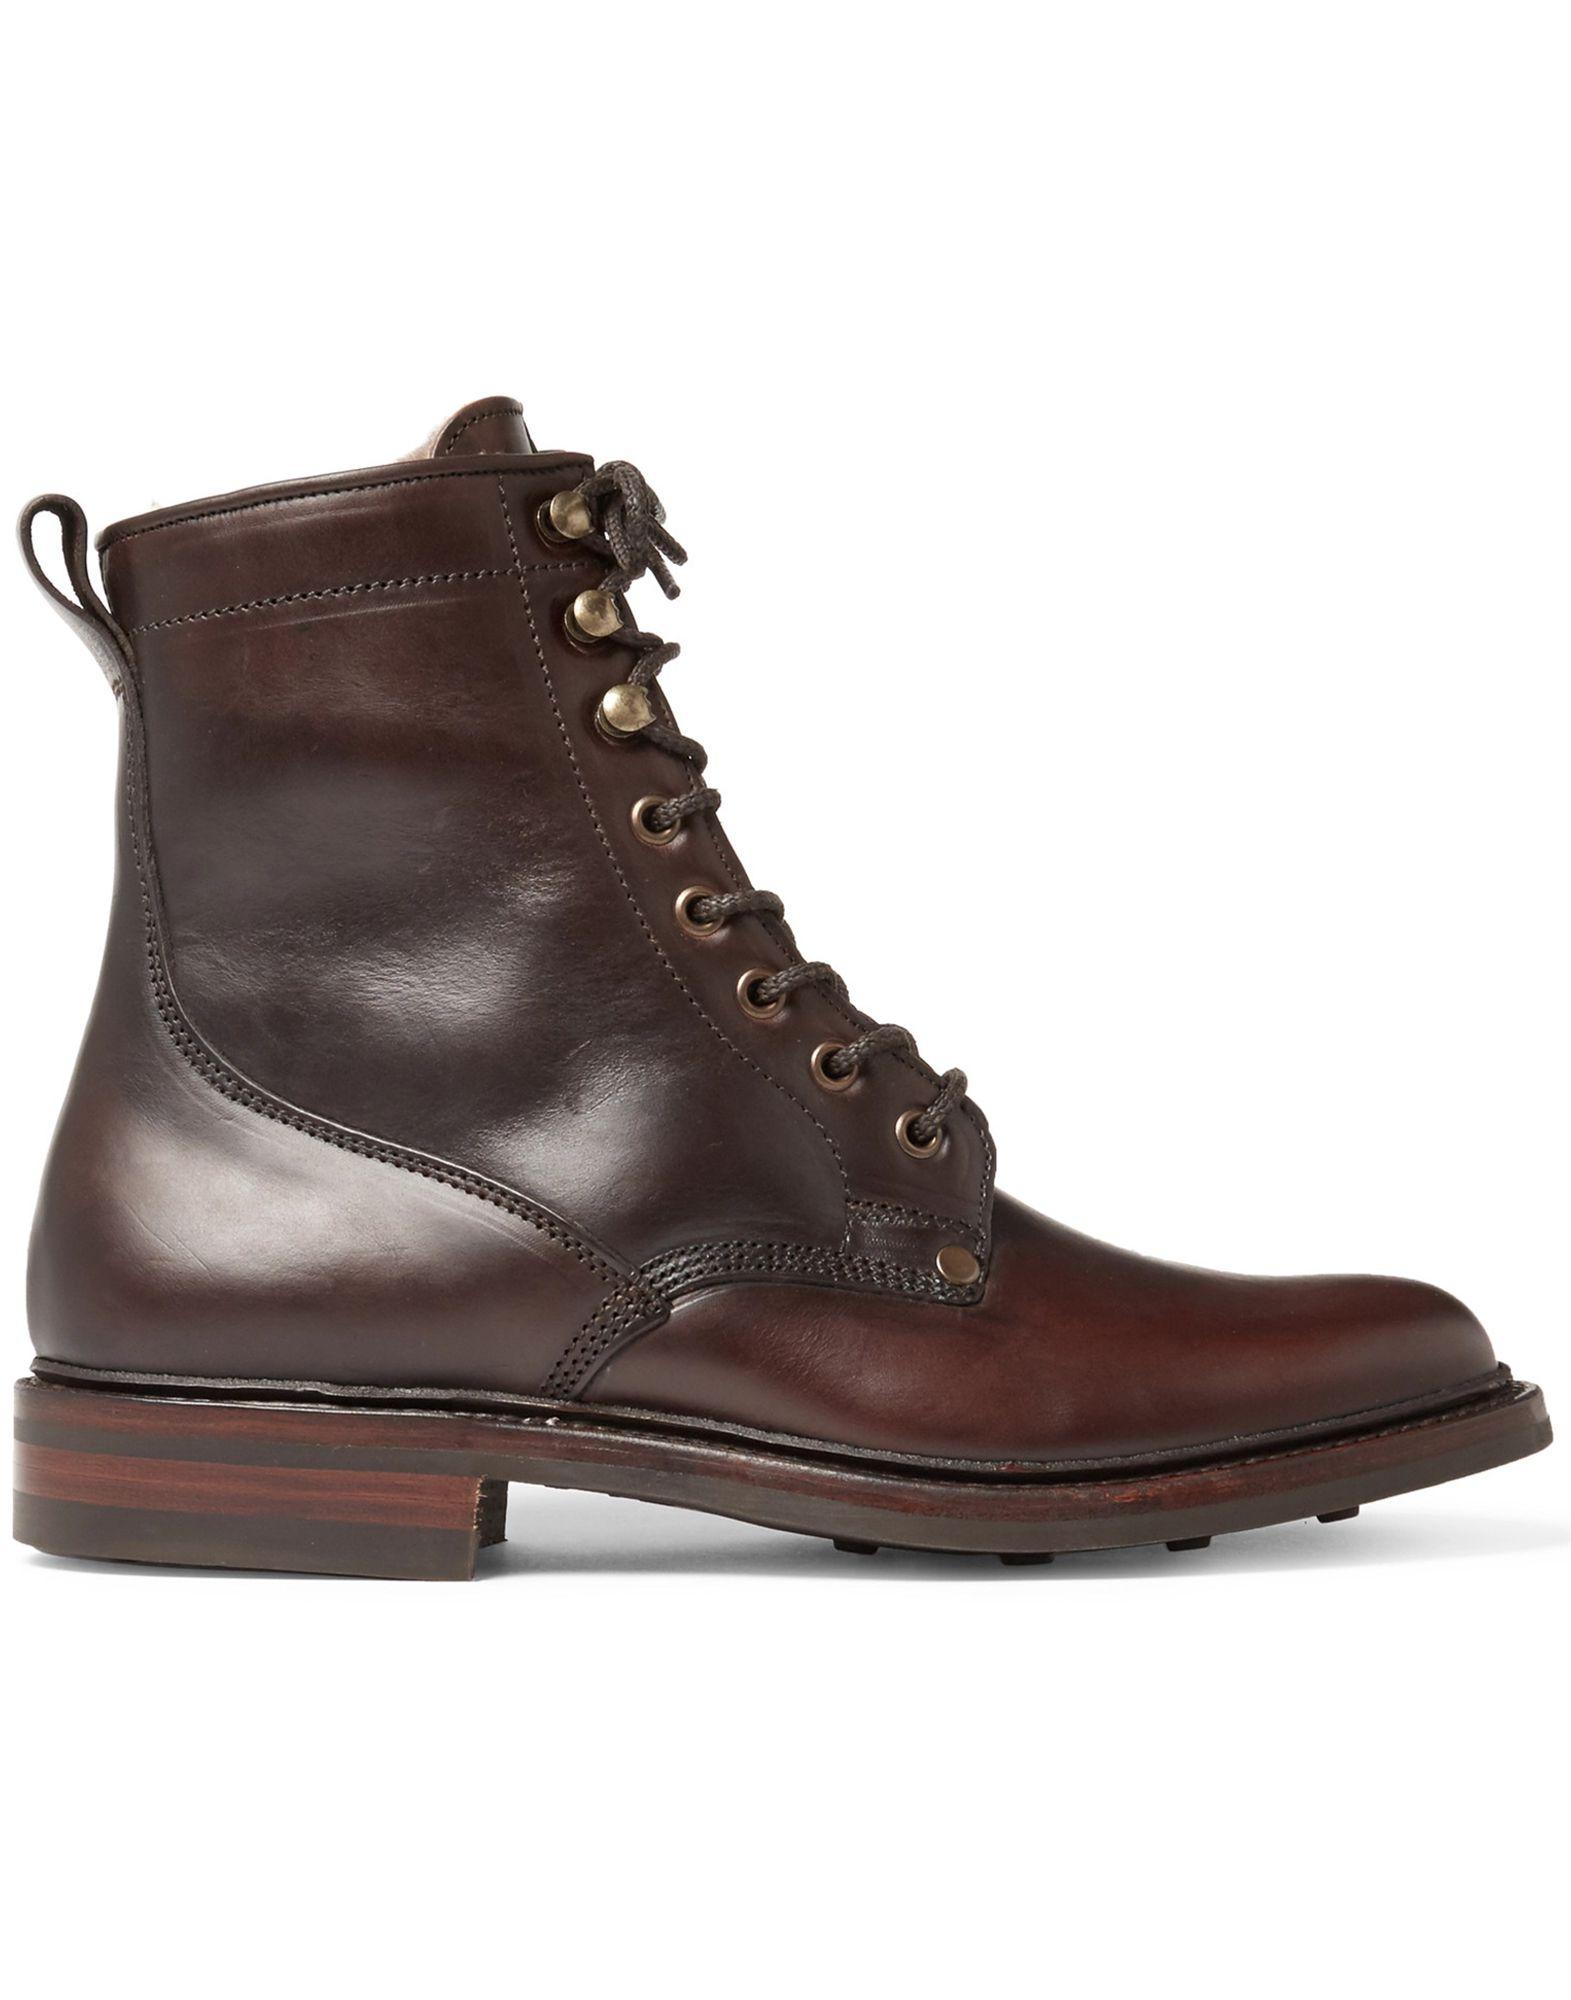 Joseph Cheaney & Sons Stiefelette Herren  11539841LB Gute Qualität beliebte Schuhe